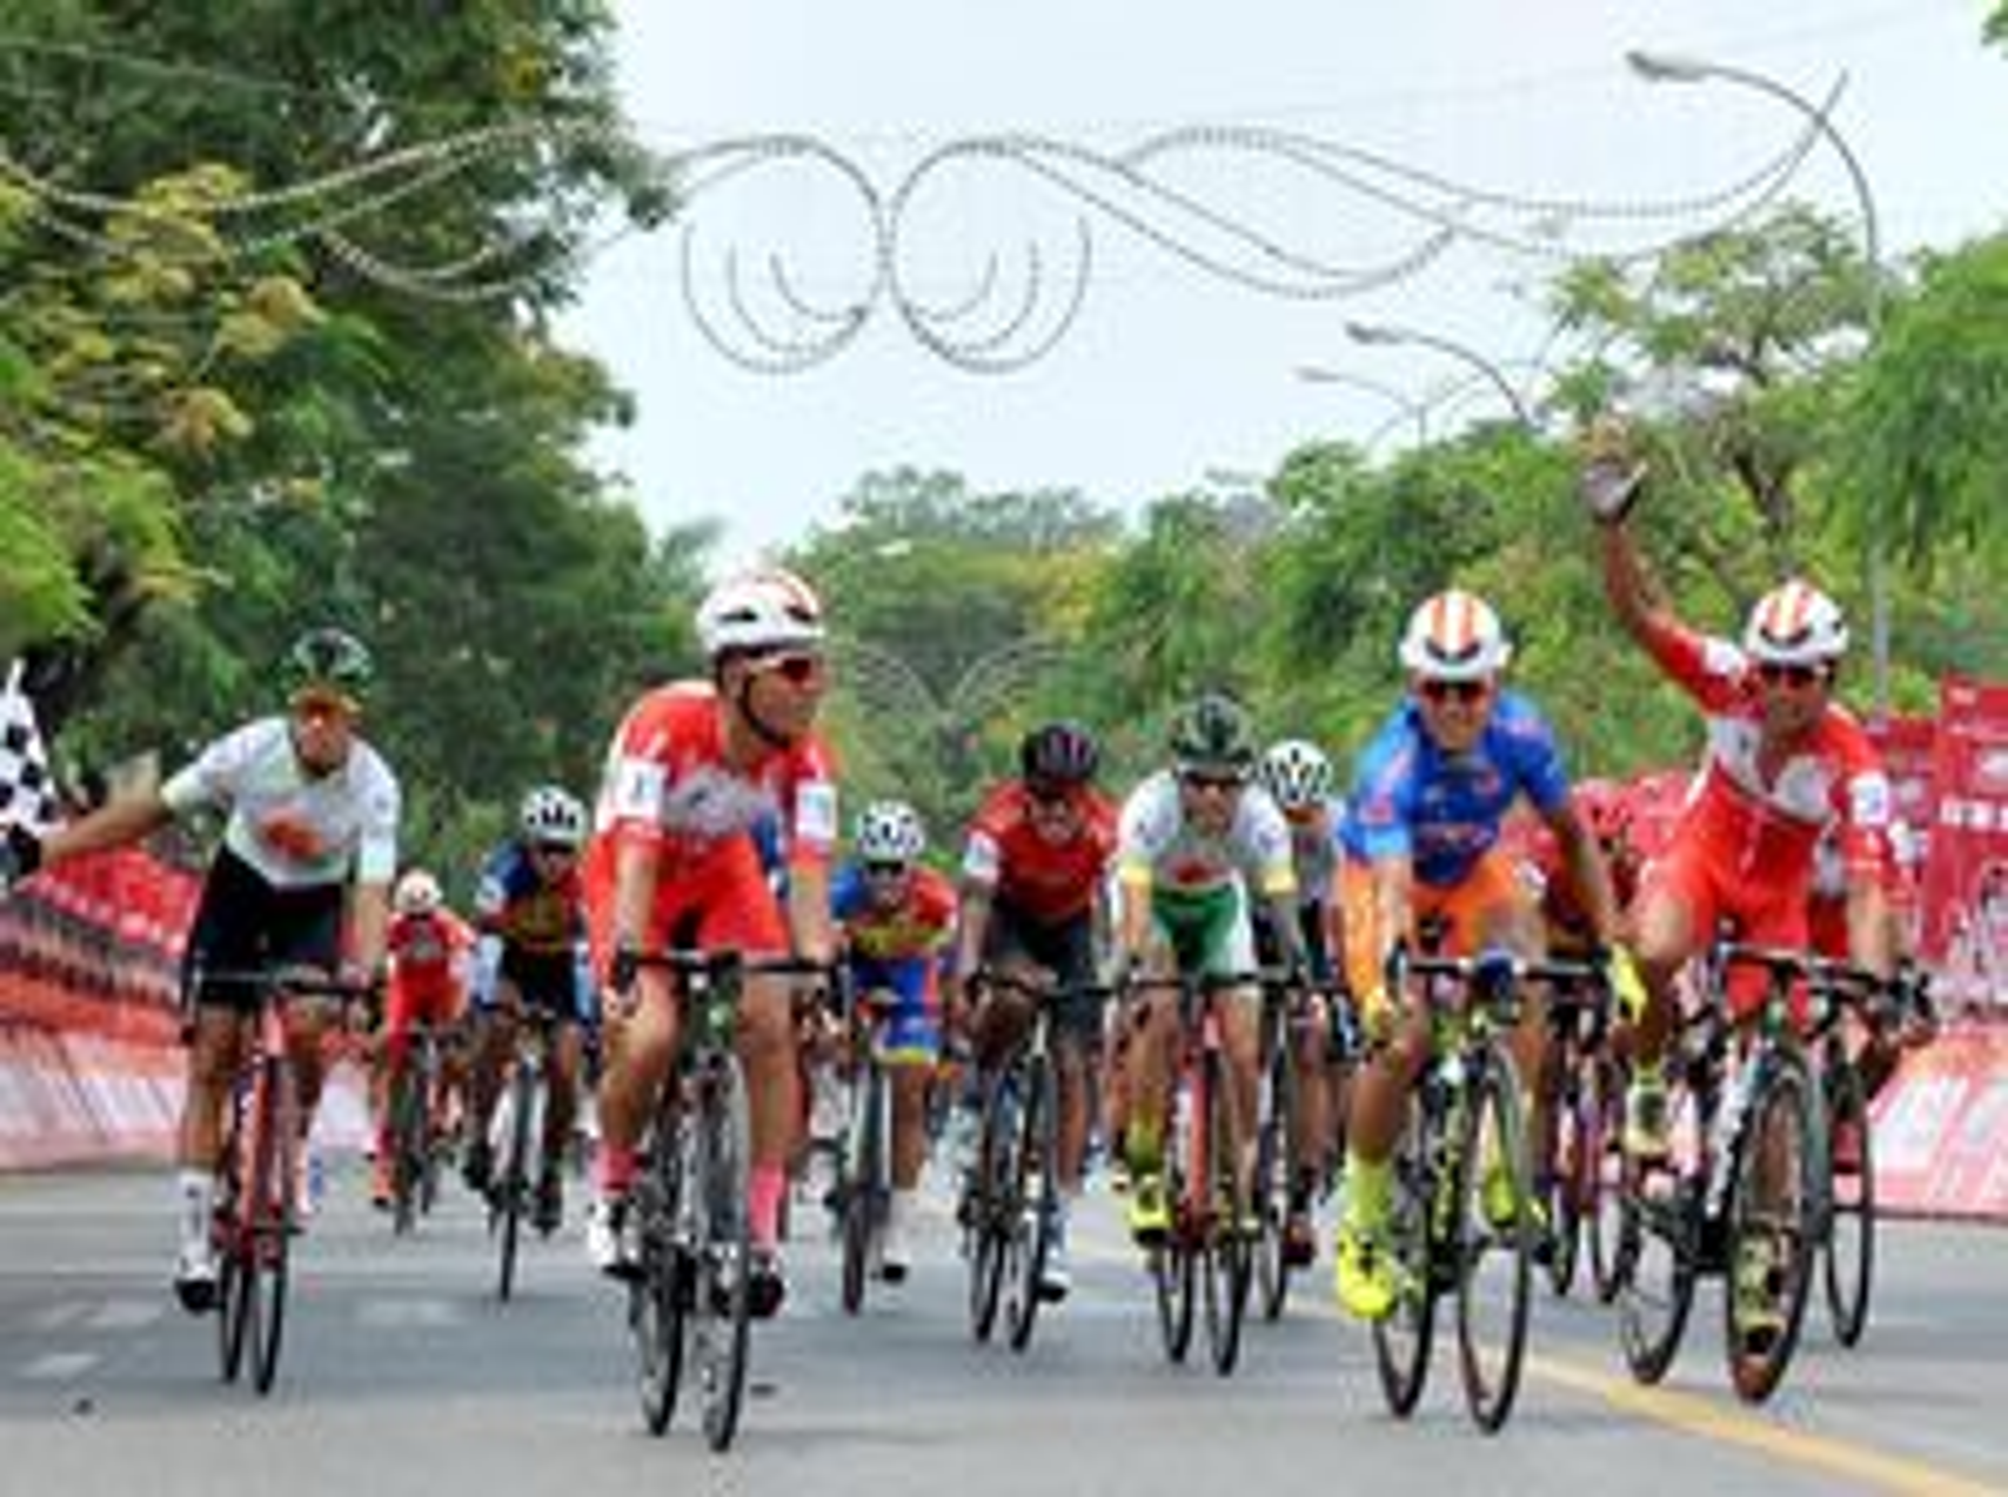 Giải xe đạp Cúp Truyền hình: Ngày đại thắng của các tay đua TPHCM